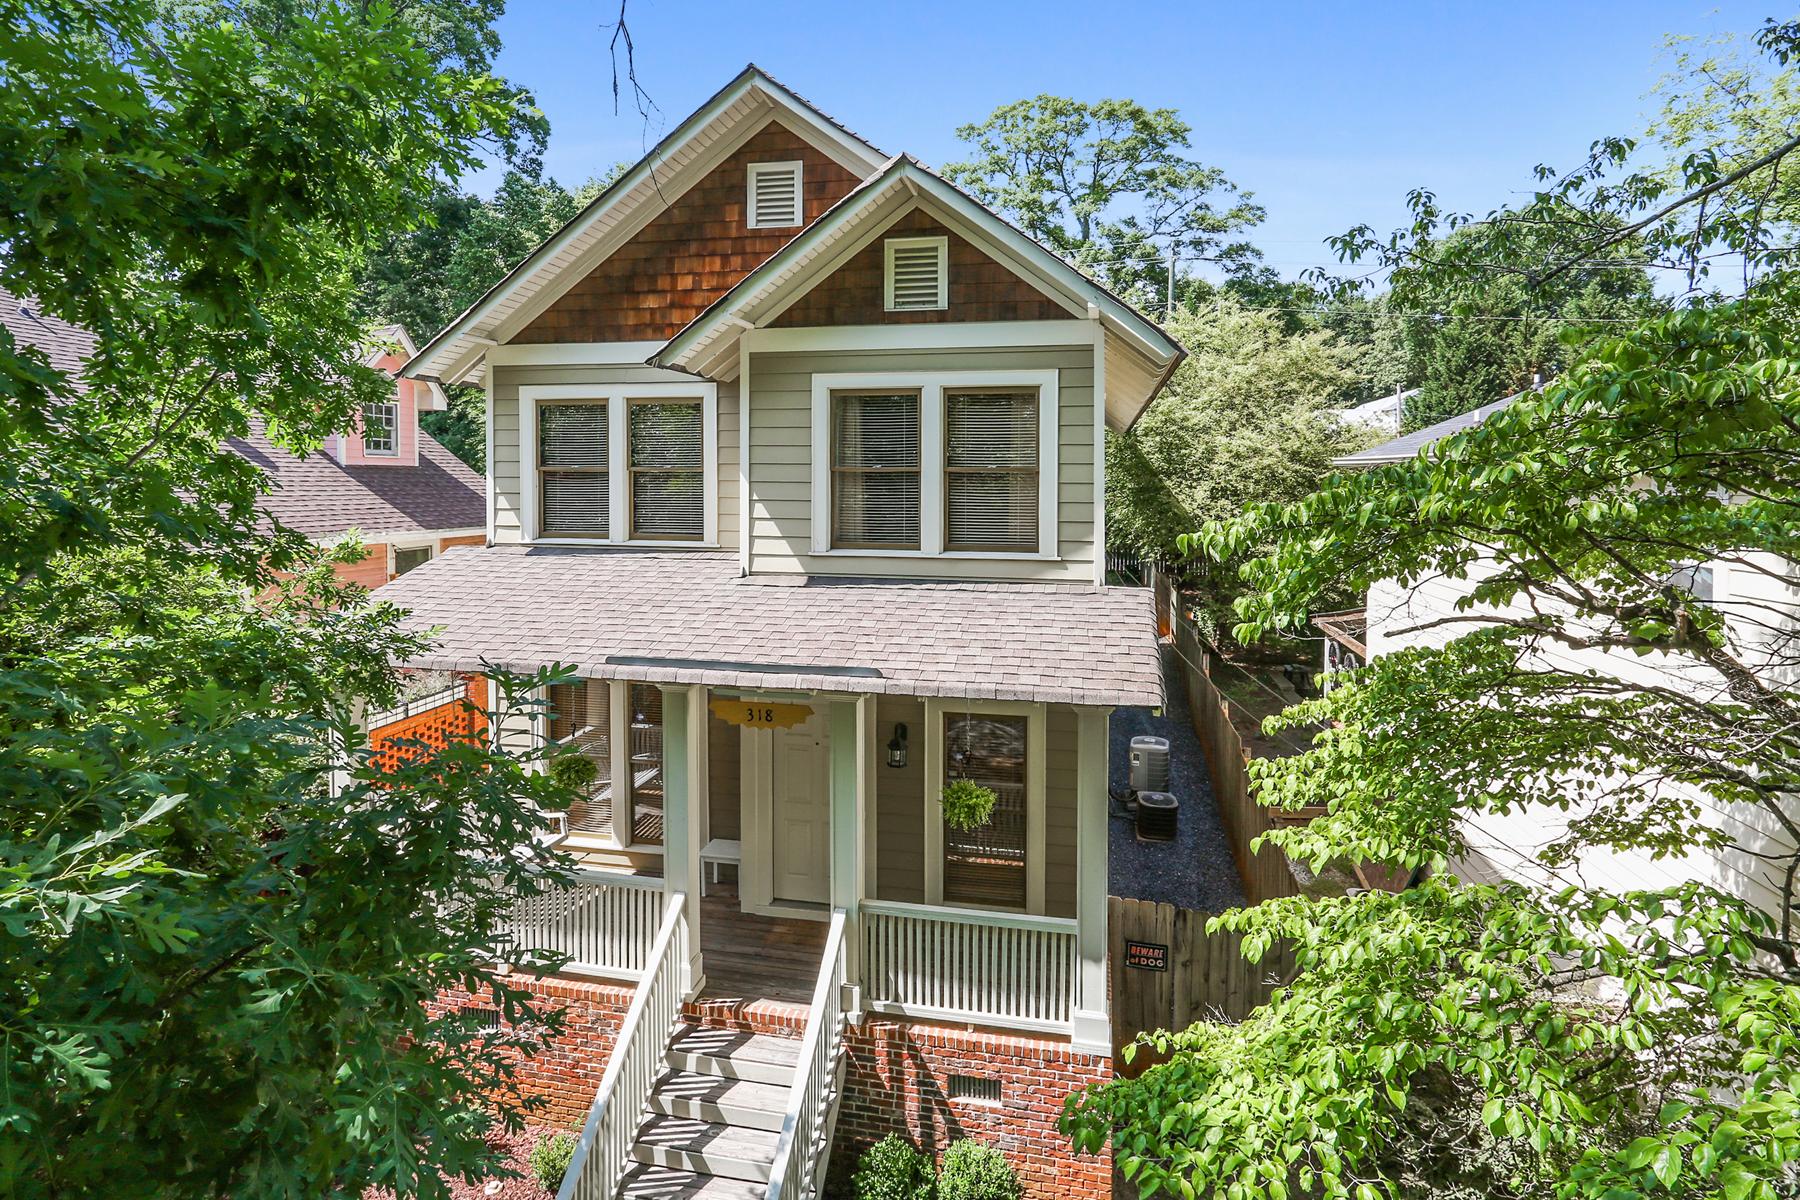 Maison unifamiliale pour l Vente à Wonderful Home In Fantastic Location 318 Grant Park Place Grant Park, Atlanta, Georgia, 30315 États-Unis